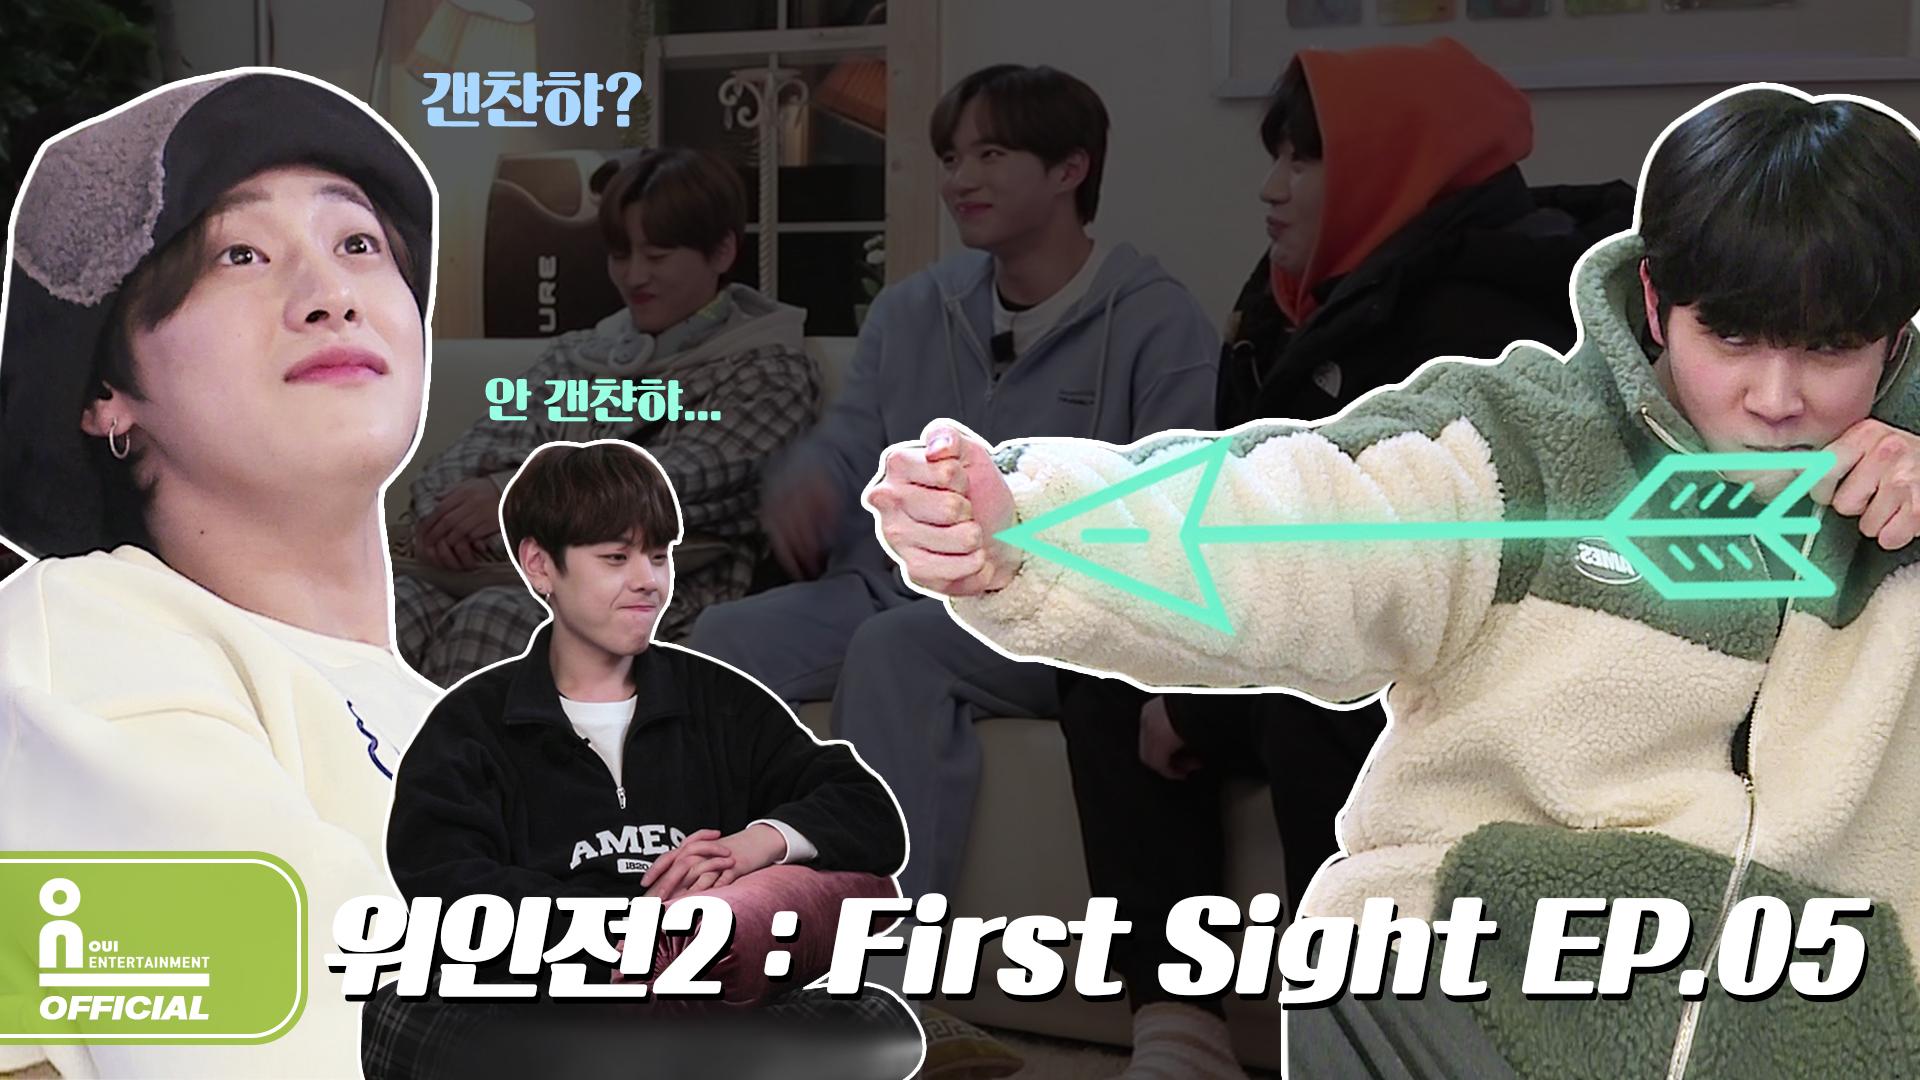 위아이(WEi) - OUI GO UP 2 : First Sight EP.05 l 위인전2 : First Sight 5화